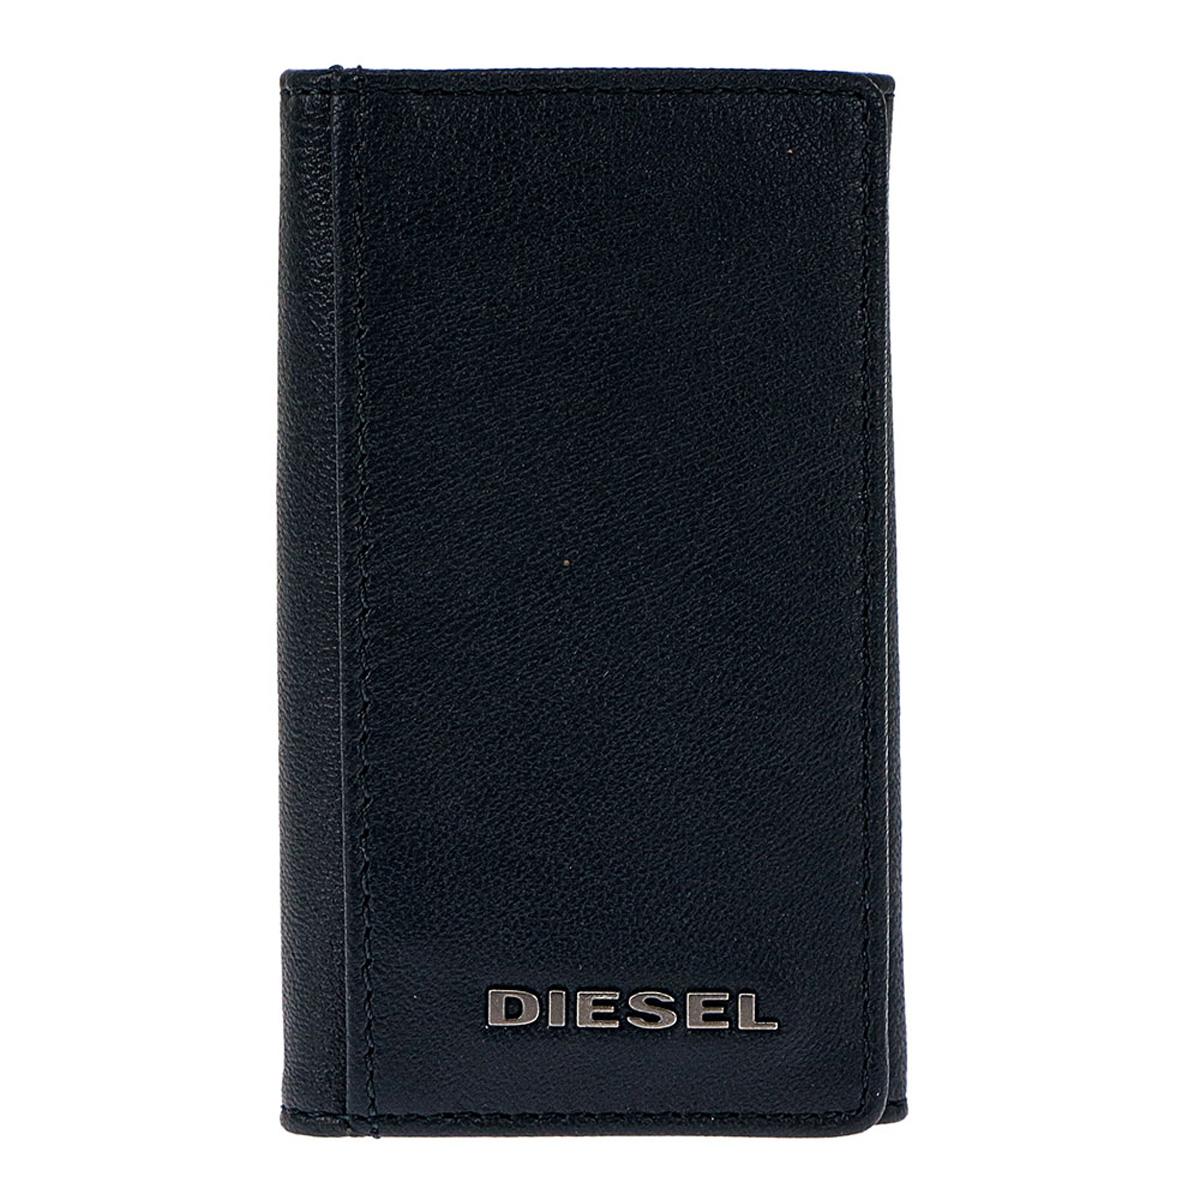 ディーゼル DIESEL キーケース X05604 P1752 H6842 KEYCASE O キーリング付 6連キーケース ダークネイビー+オレンジ系